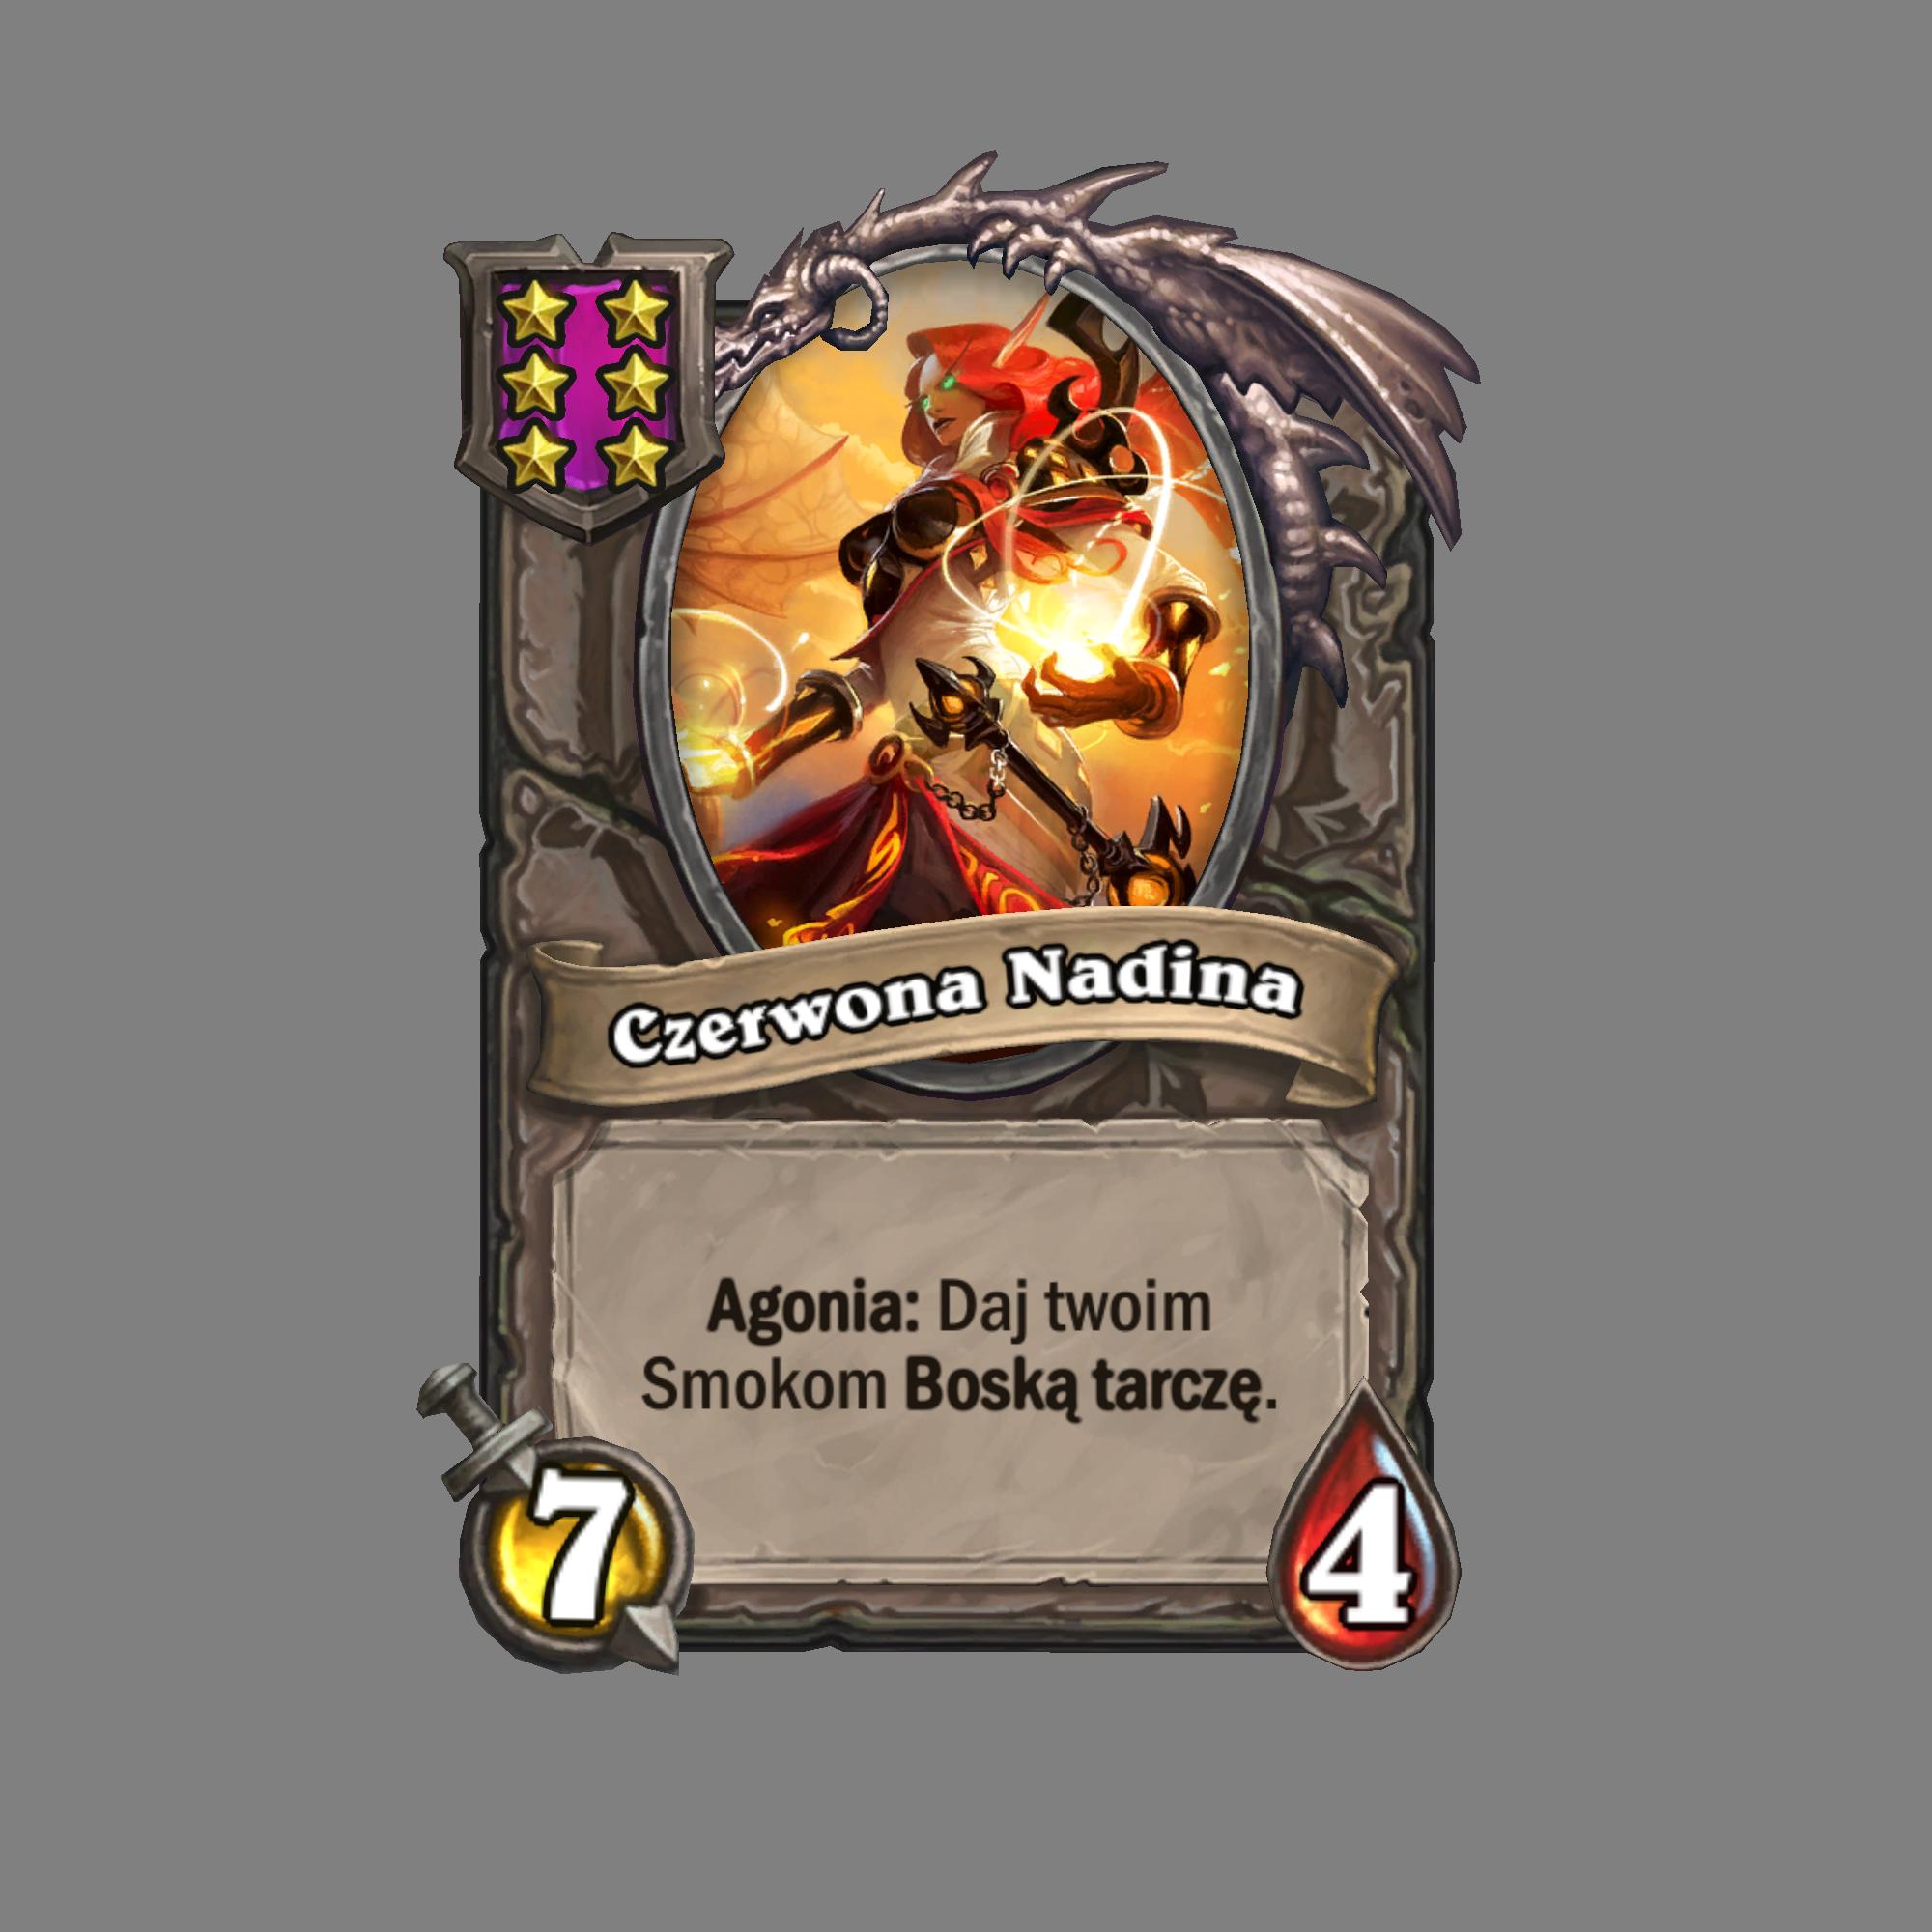 Czerwona Nadina